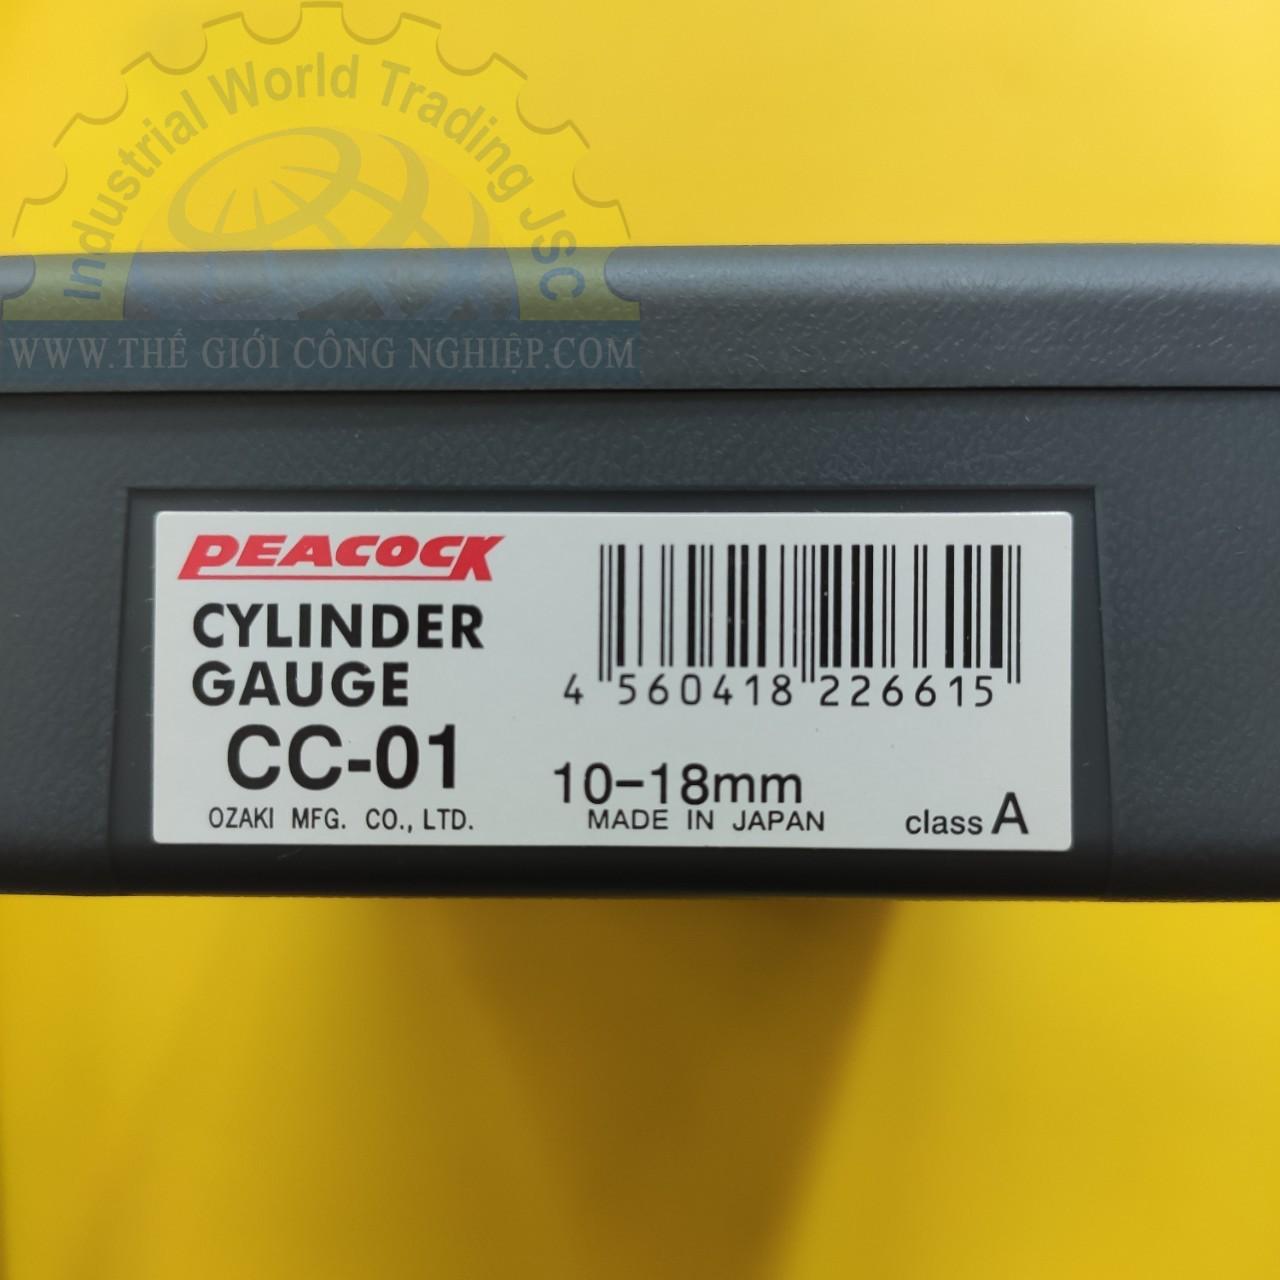 Standard Cylinder Gauges 10-18mm CC-01 PEACOCK